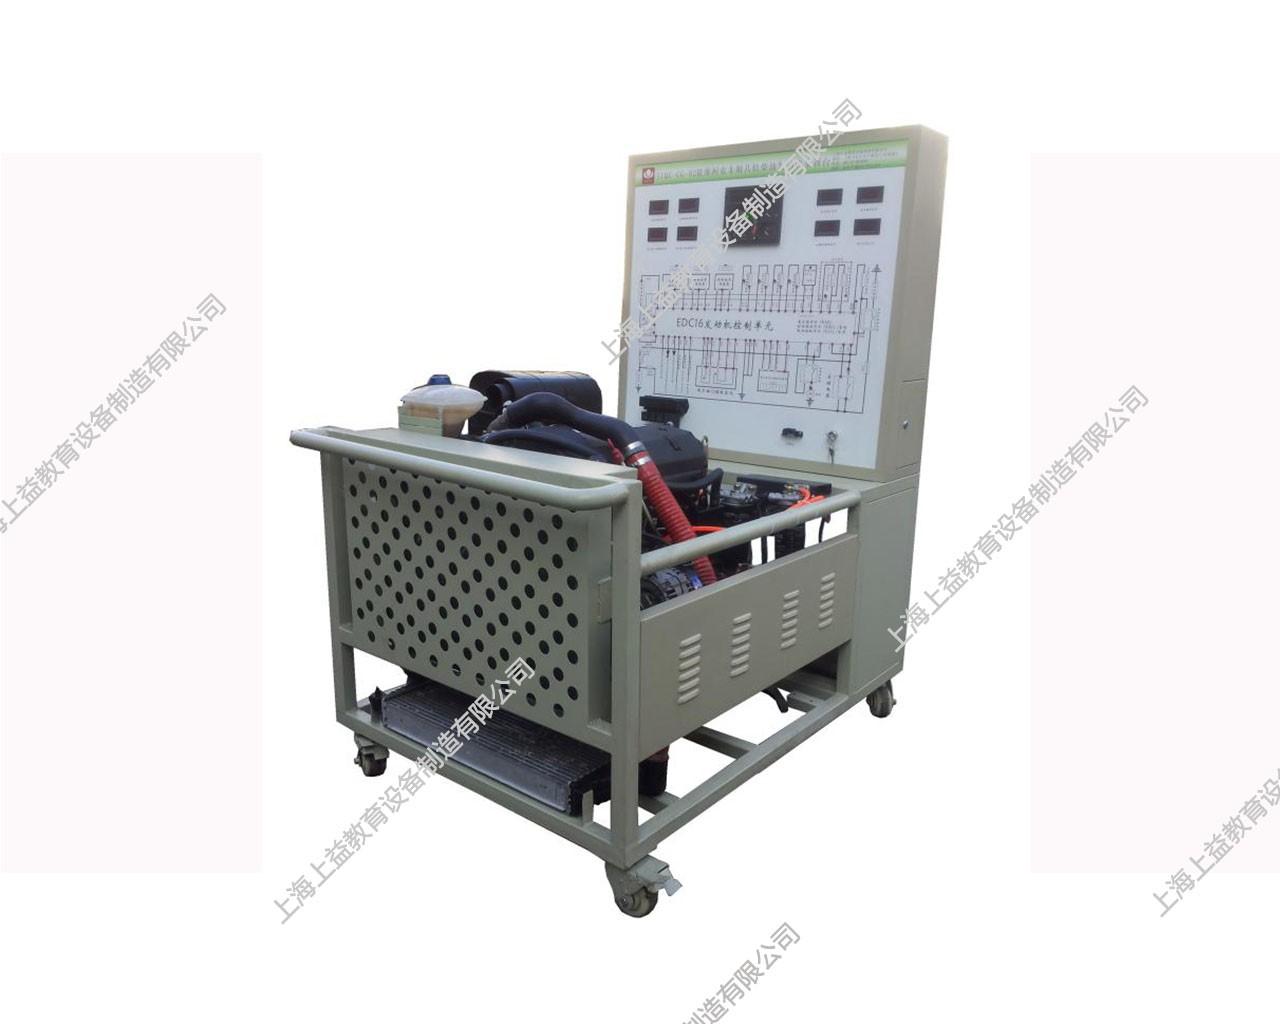 电控高压共轨柴油发动机wwwlehu8vip台(依维柯)